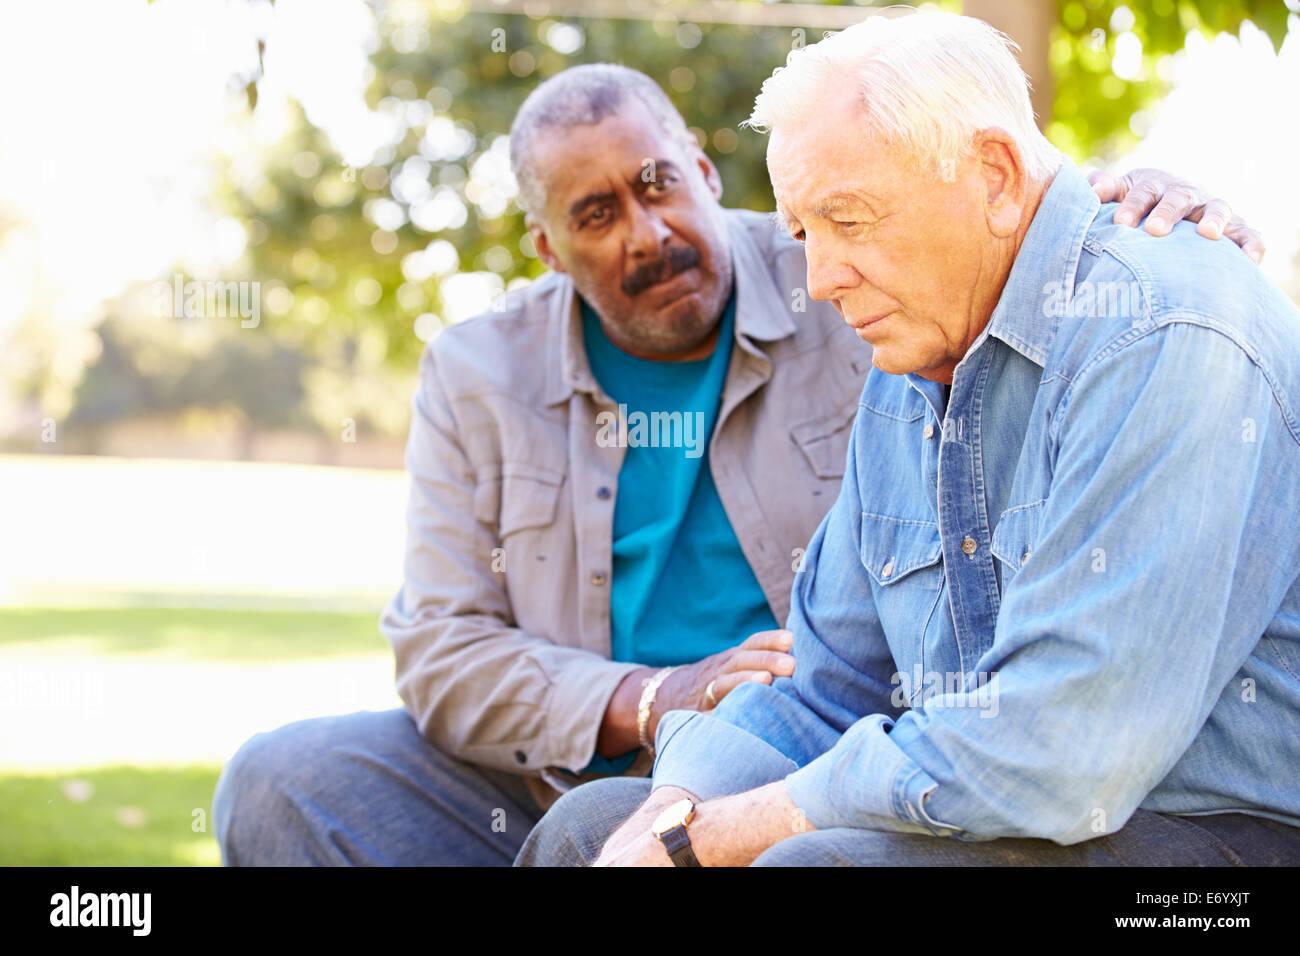 L'homme malheureux ami réconfortant senior à l'extérieur Photo Stock